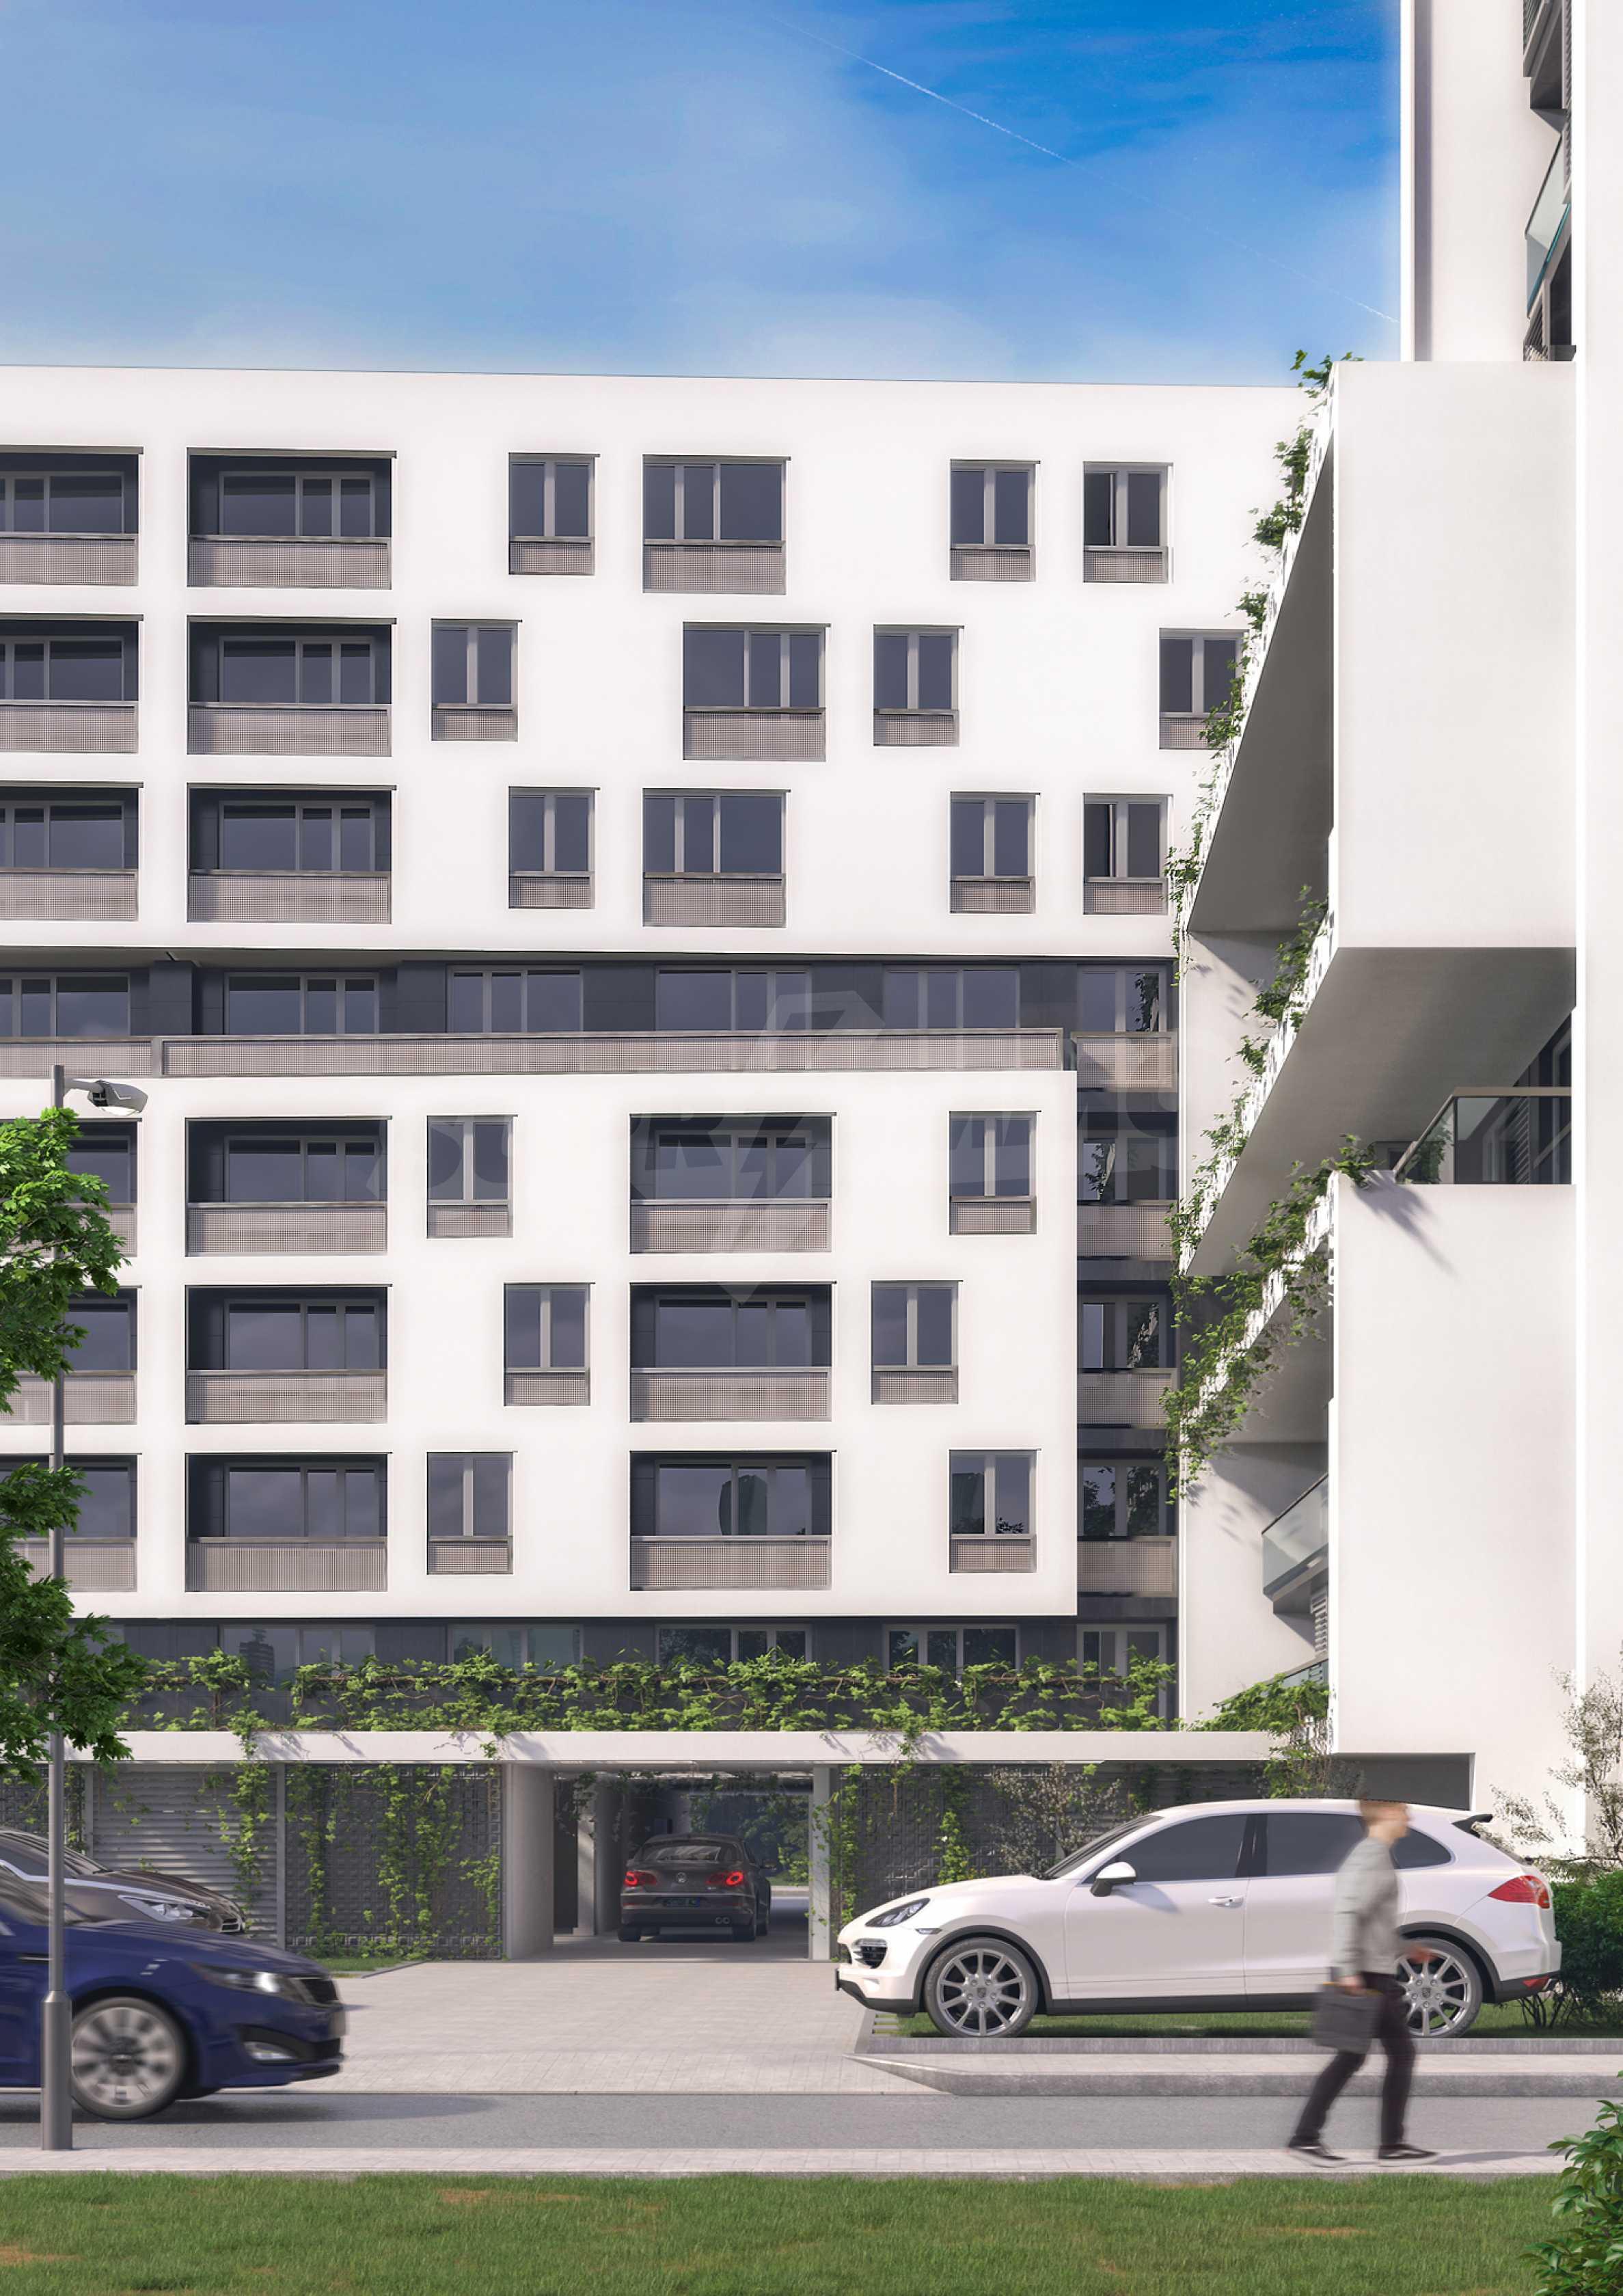 Exklusives Wohnprojekt in einer ruhigen Grünlage nahe Zentrum 5